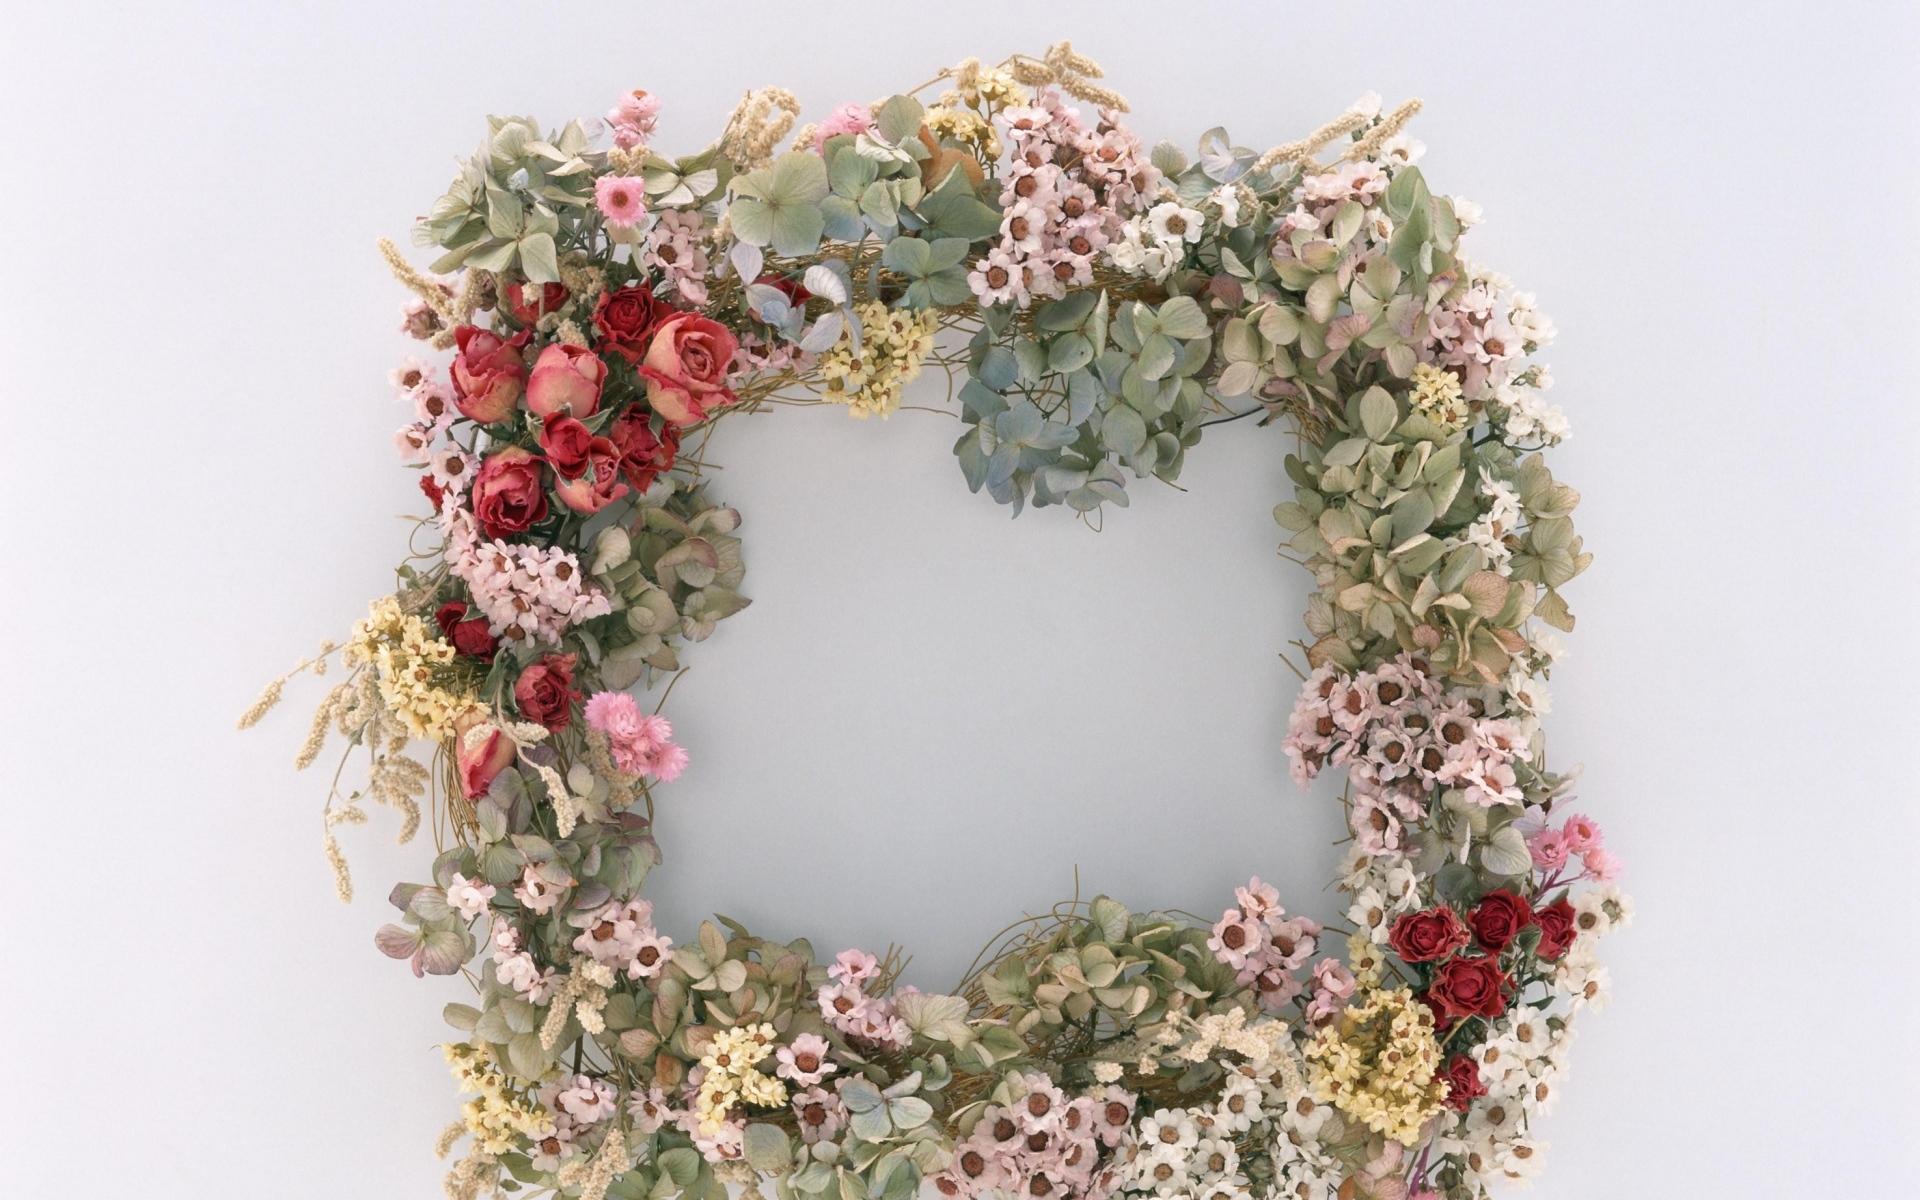 Картинки Розы, цветы, разнообразие, венок, сухие фото и обои на рабочий стол